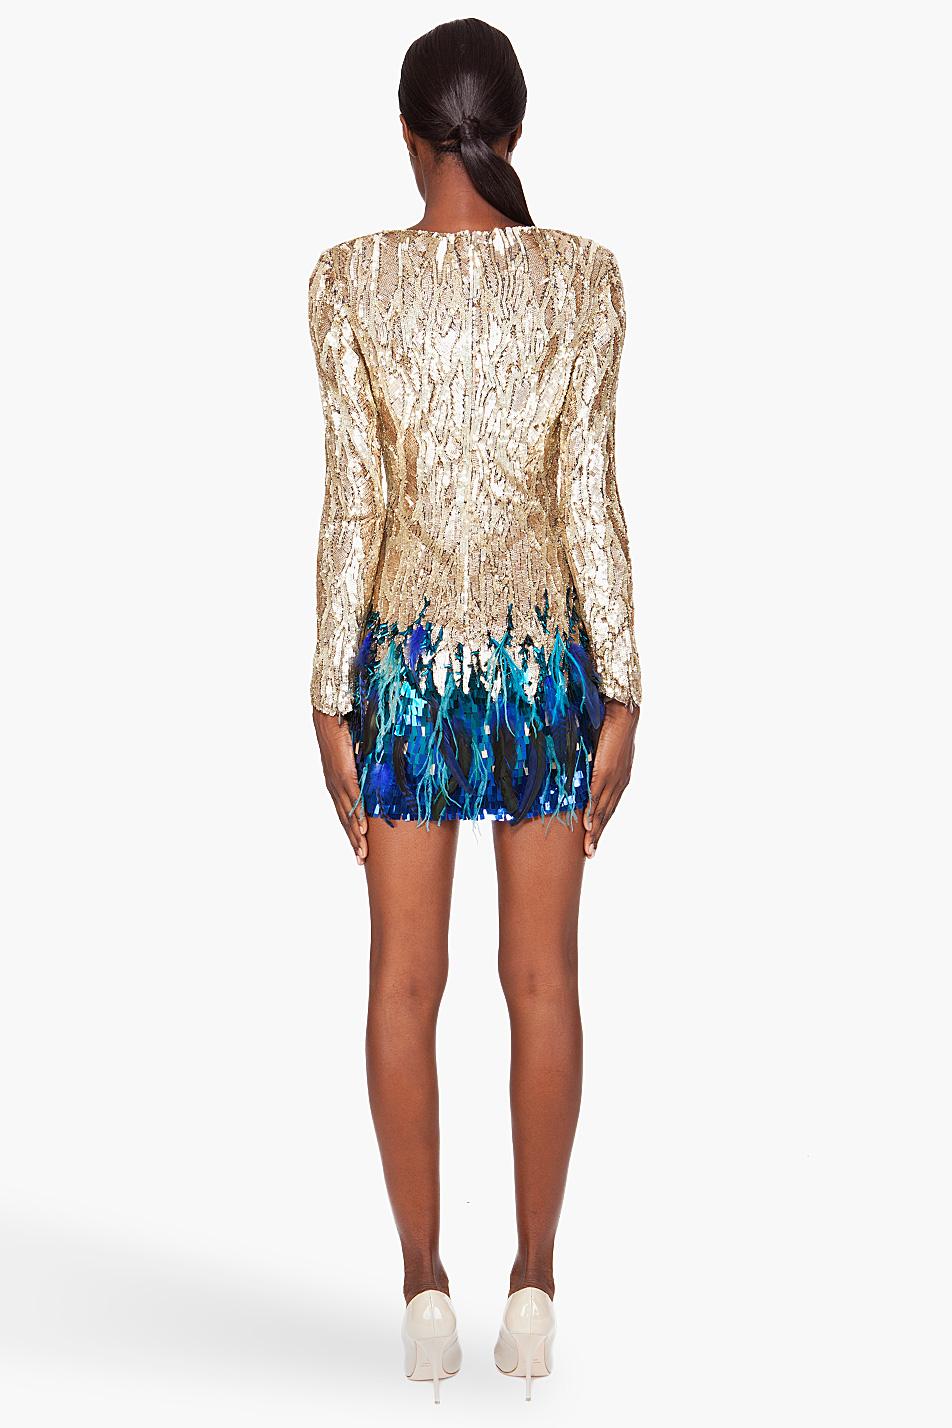 Matthew Williamson Liquid Sequin Dress In Metallic Lyst